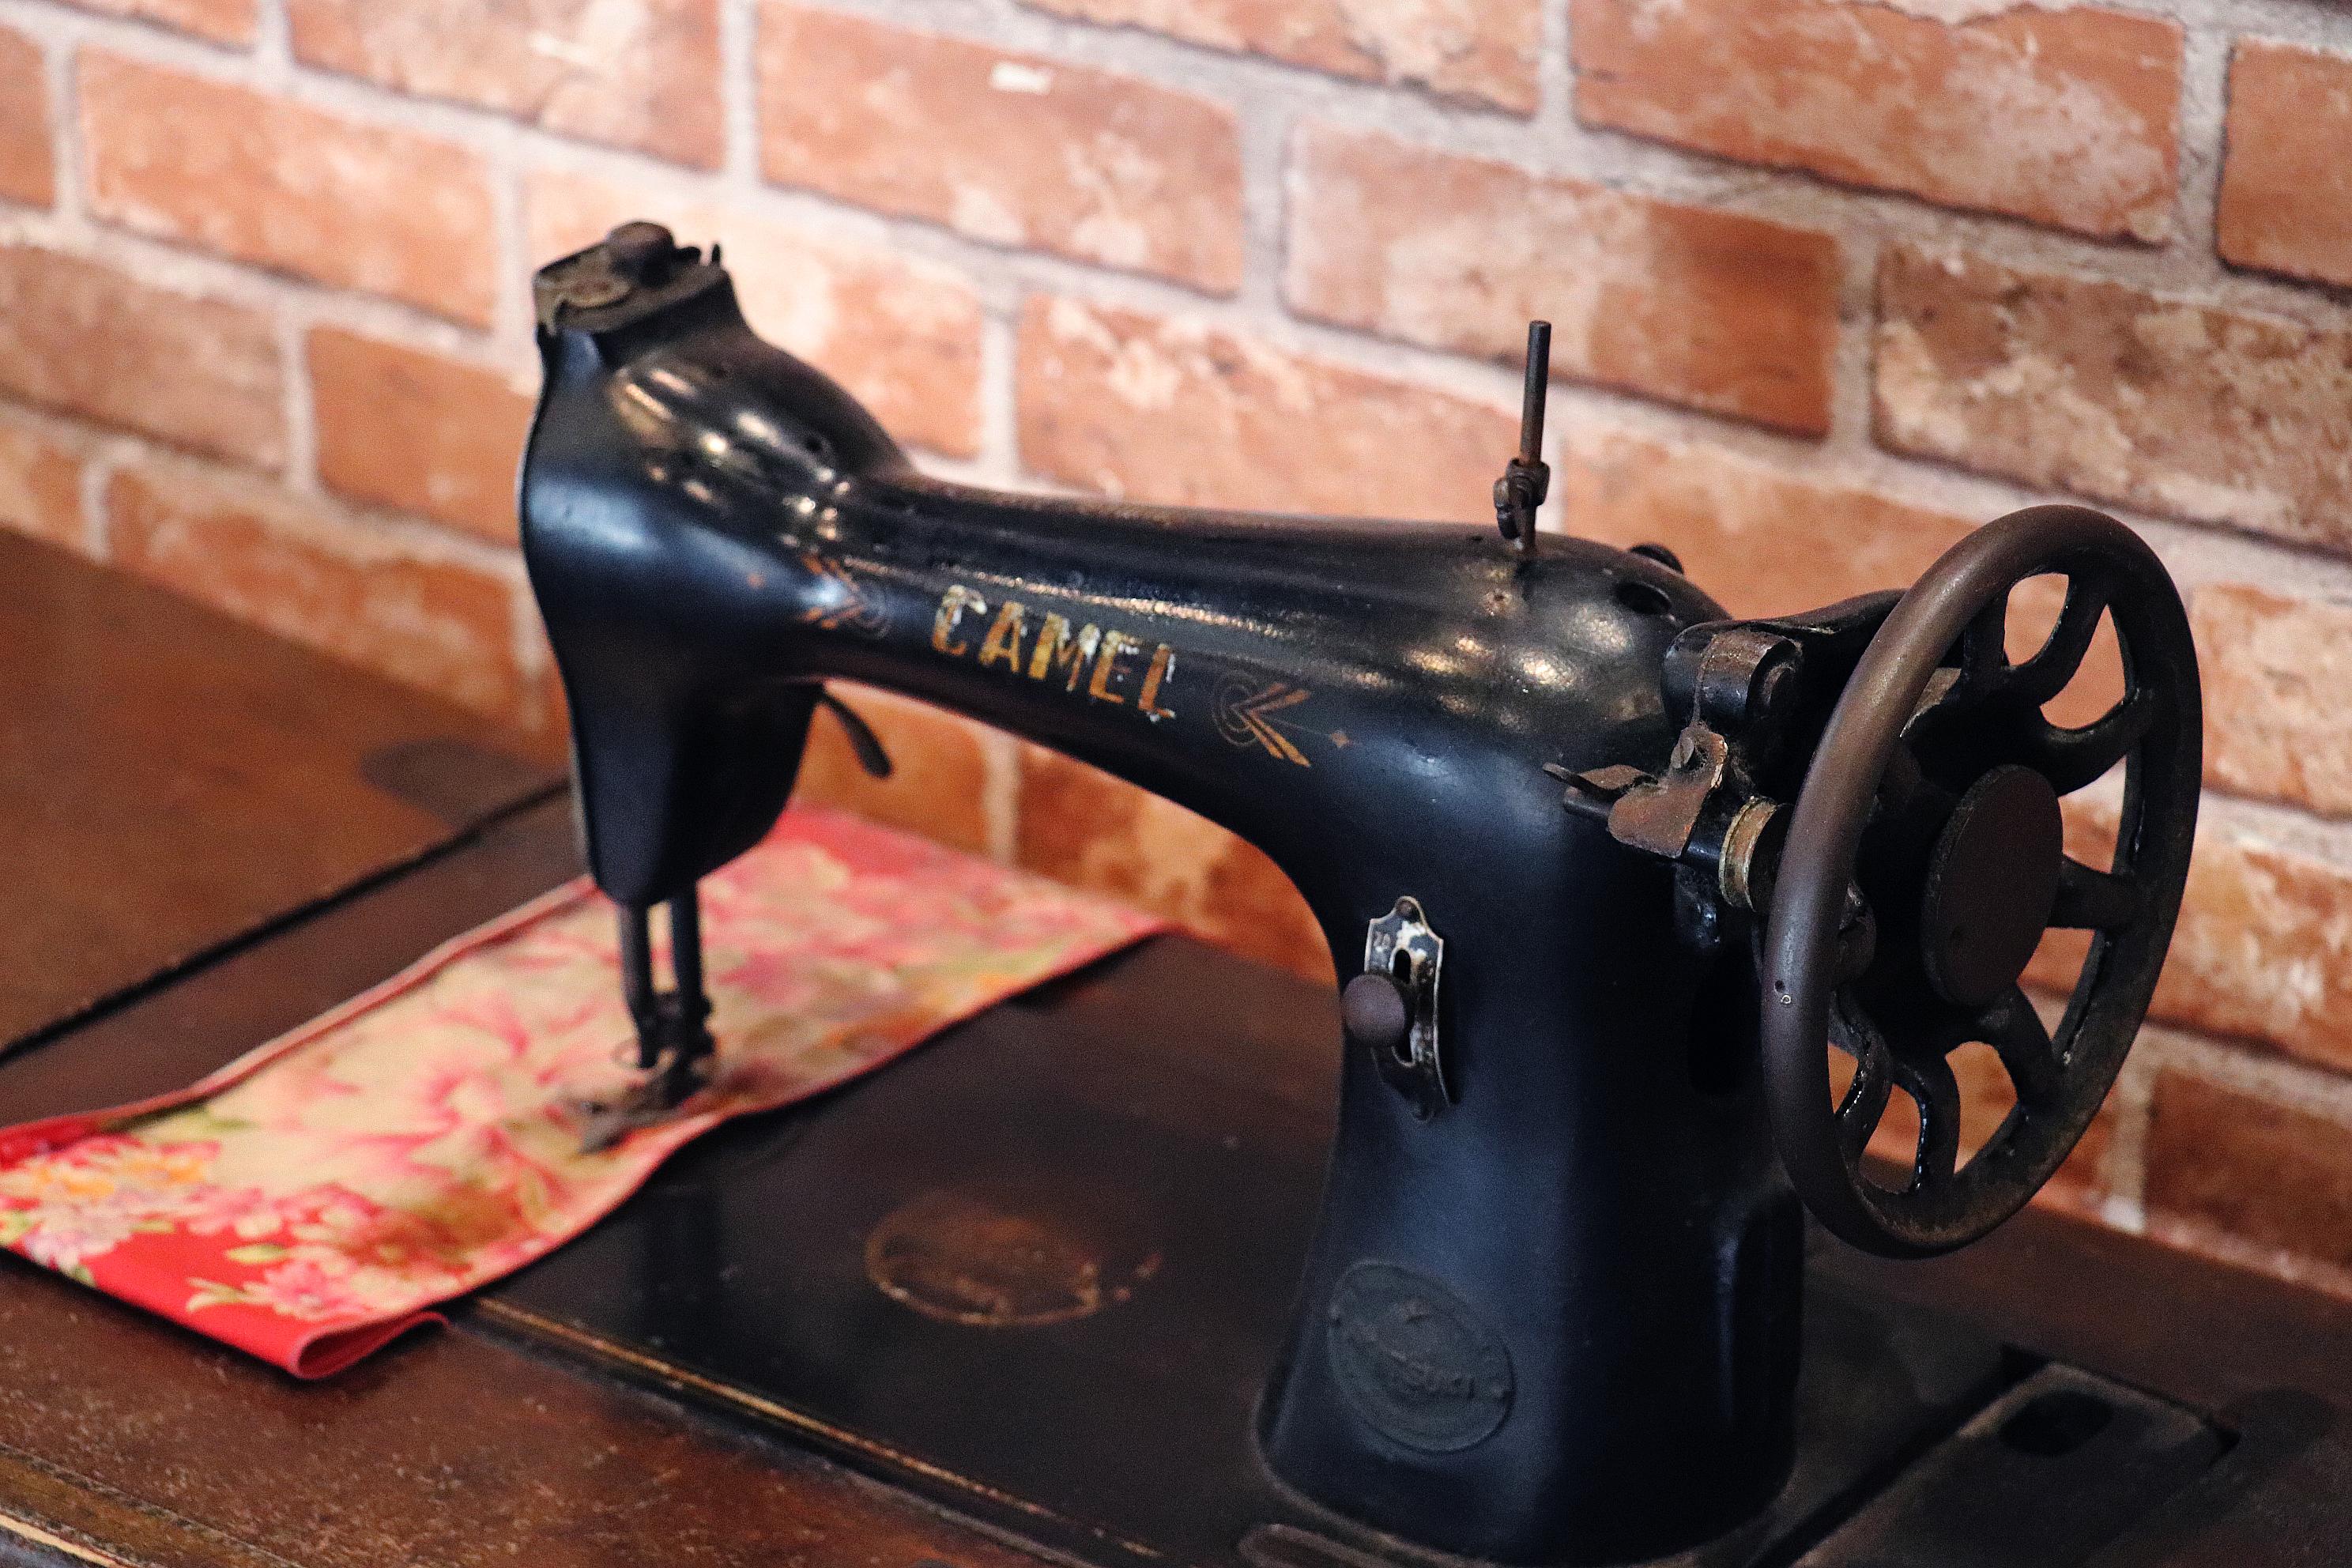 走廊邊裝飾著古早縫紉機。